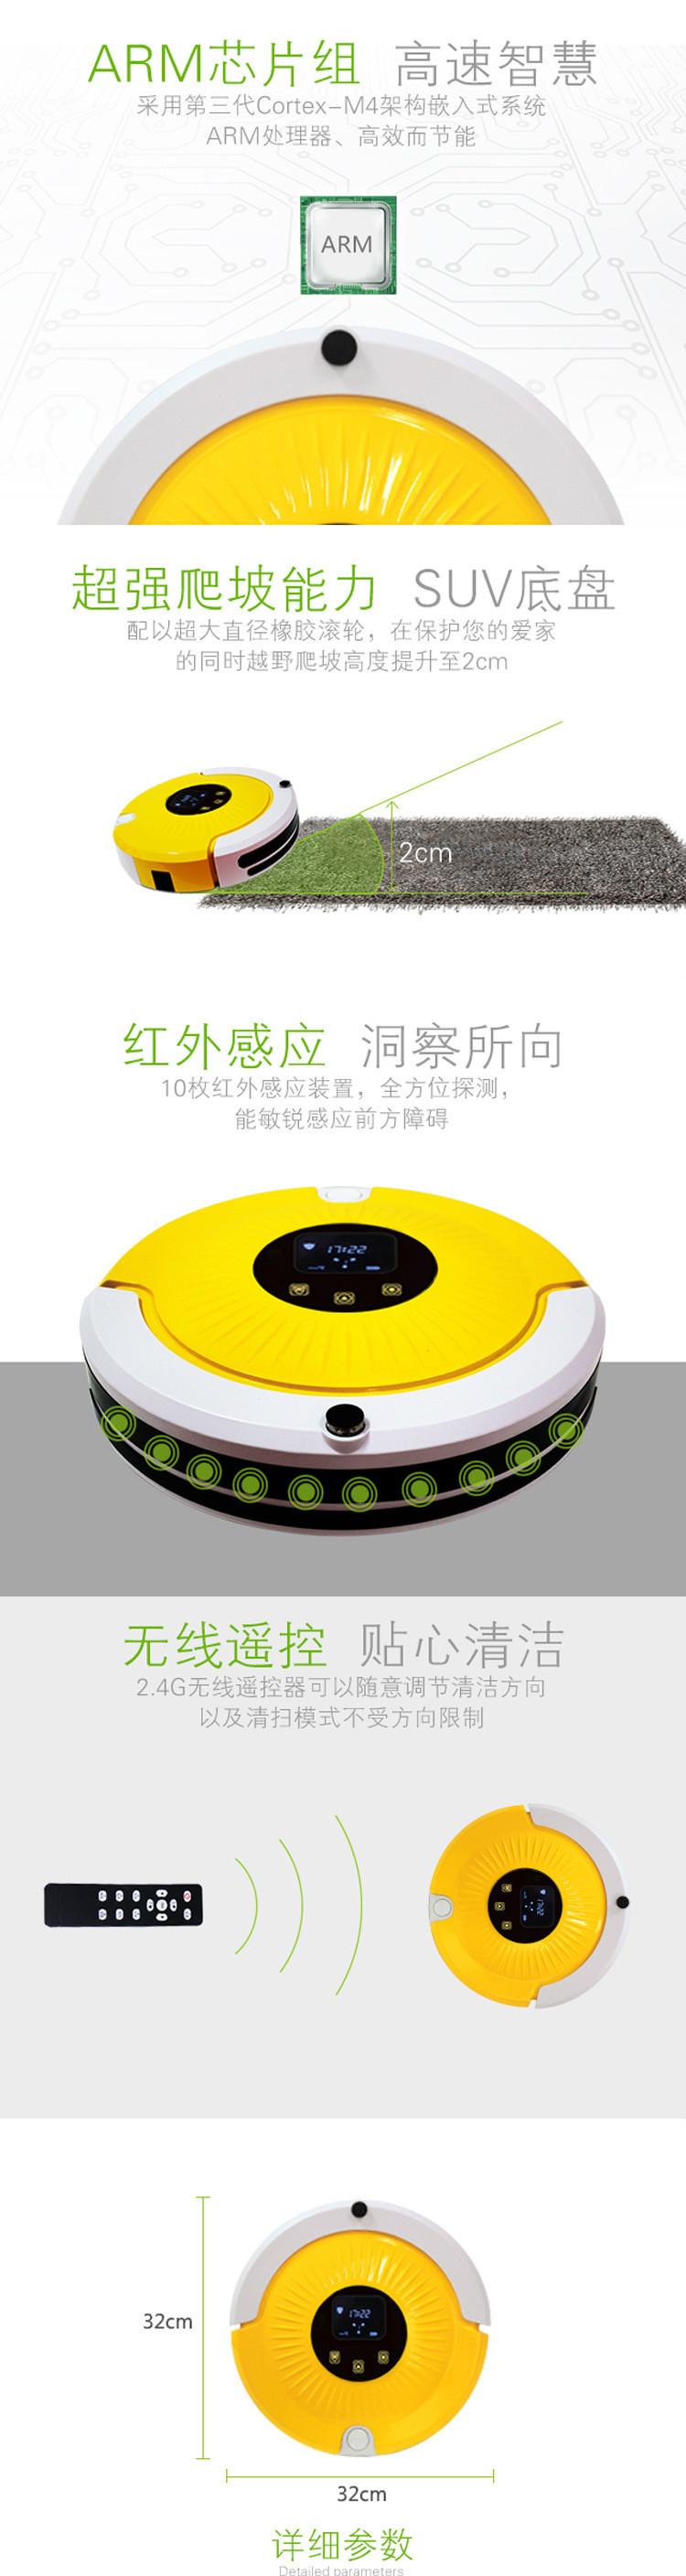 凤瑞智能全自动扫地机器人超薄家用拖地oem扫拖吸一体机示例图18